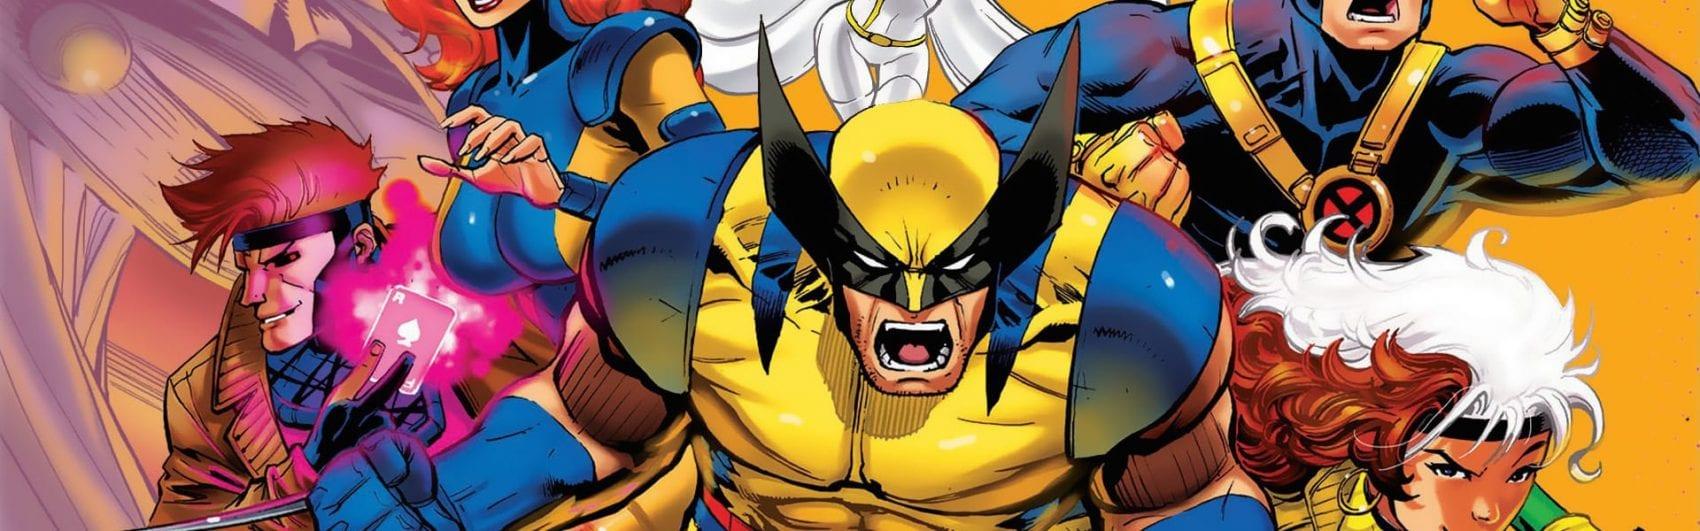 X-Men Série TV News My Geek Actu Comics